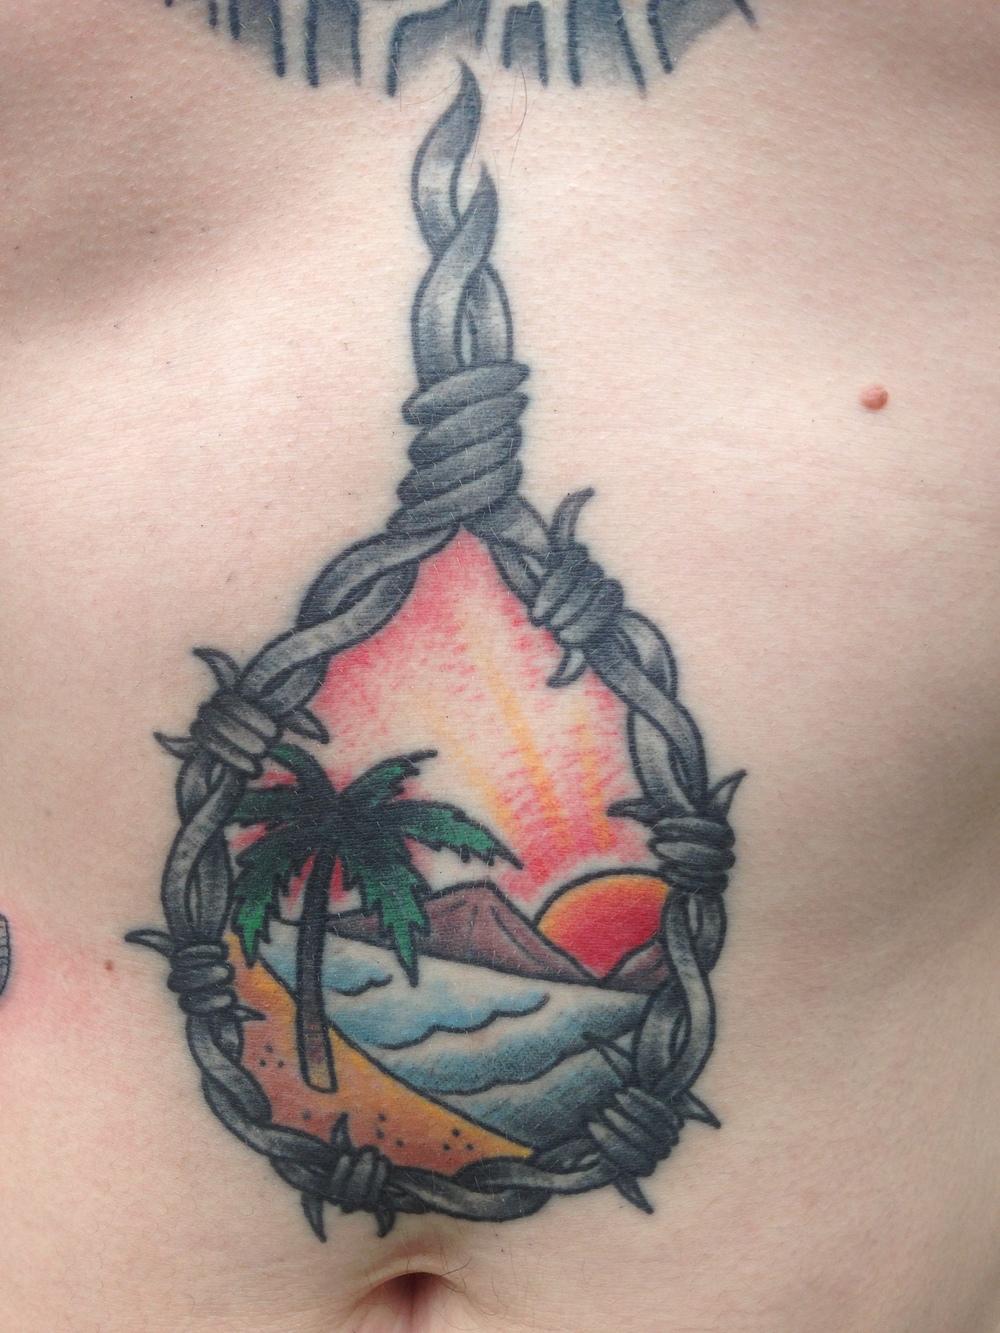 matt-lucci-tattoo-noose-tattoo-design.JPG